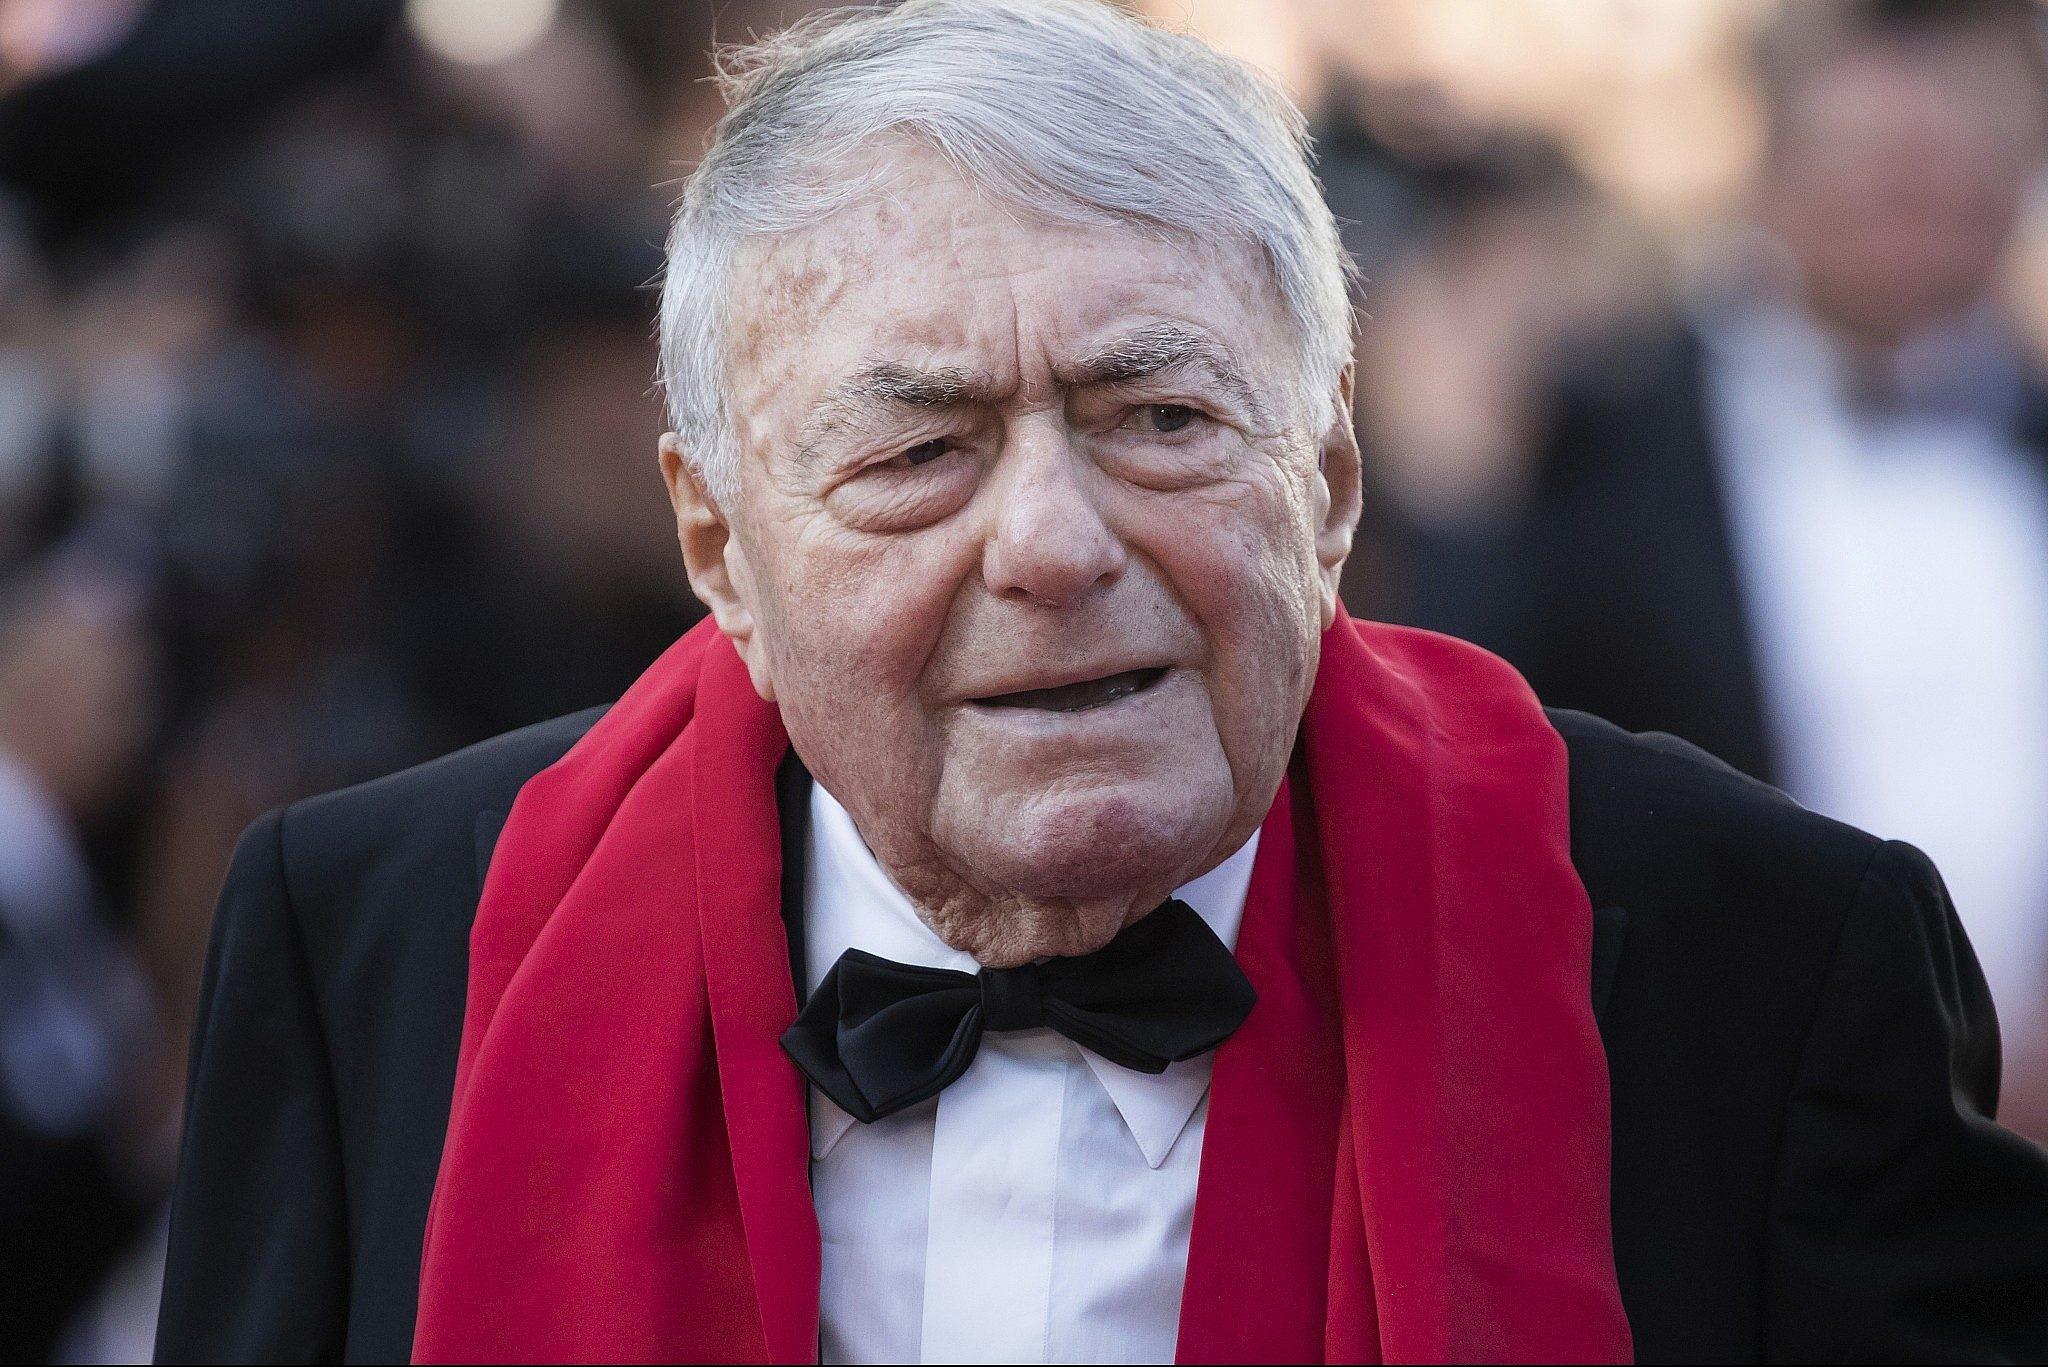 Claude Lanzmann Acclaimed Director Of Documentary Shoah